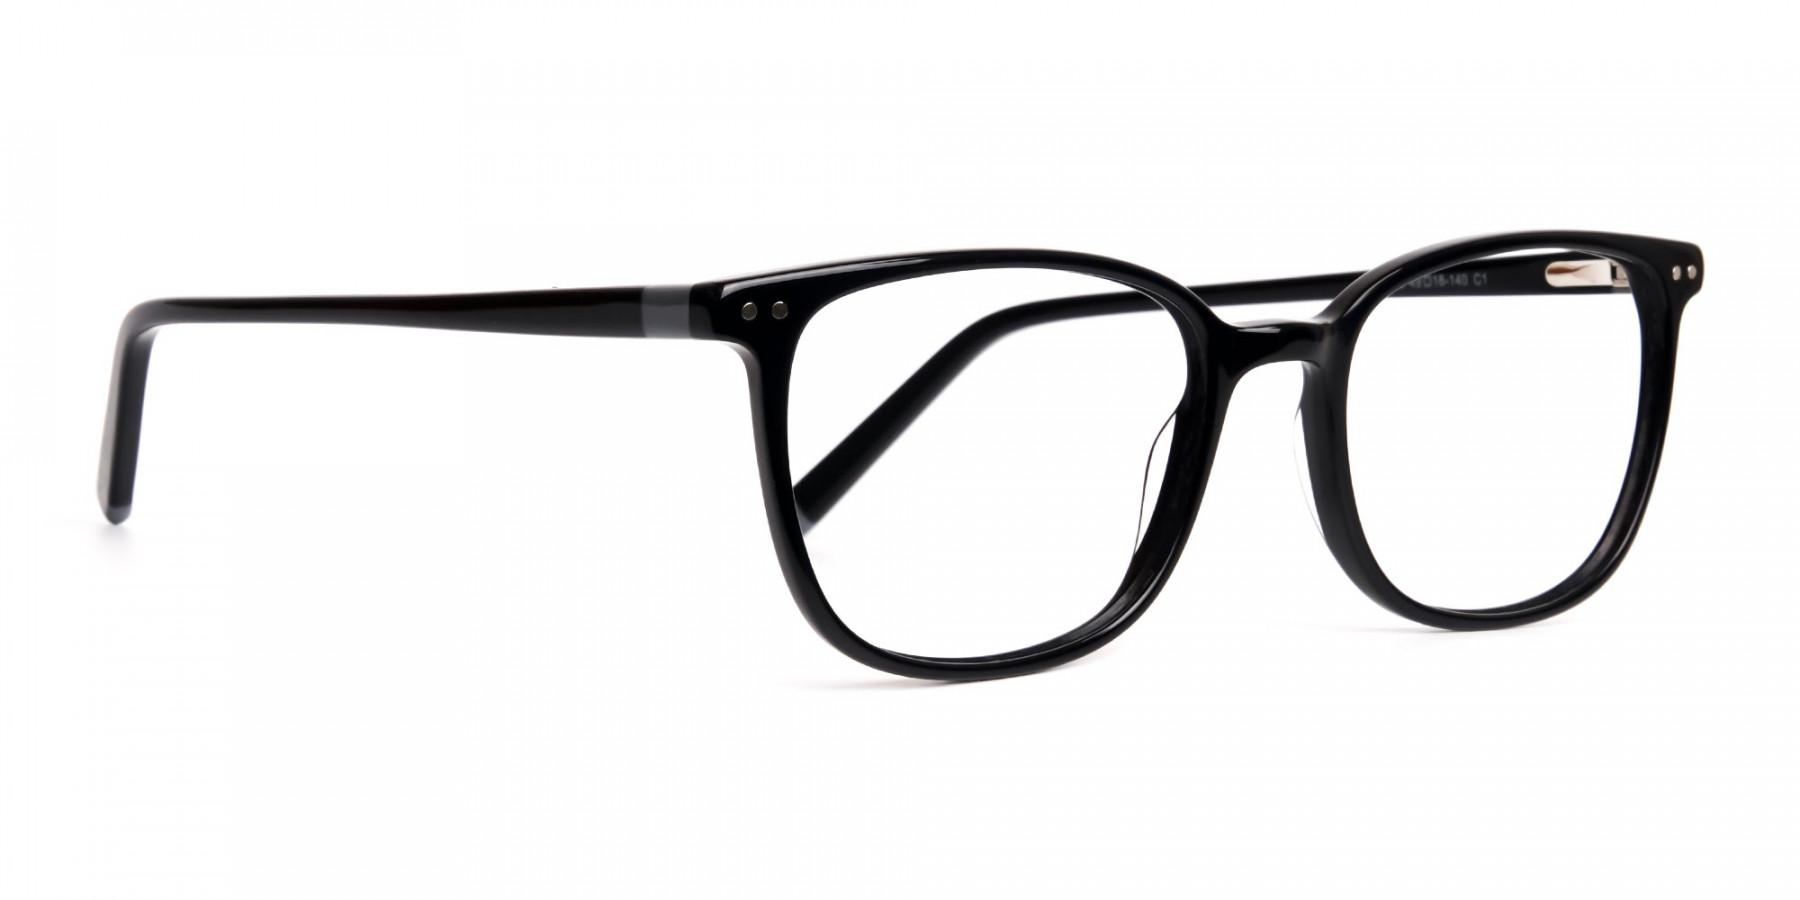 Glossy-Black-Rectangular-Glasses-Frames-1